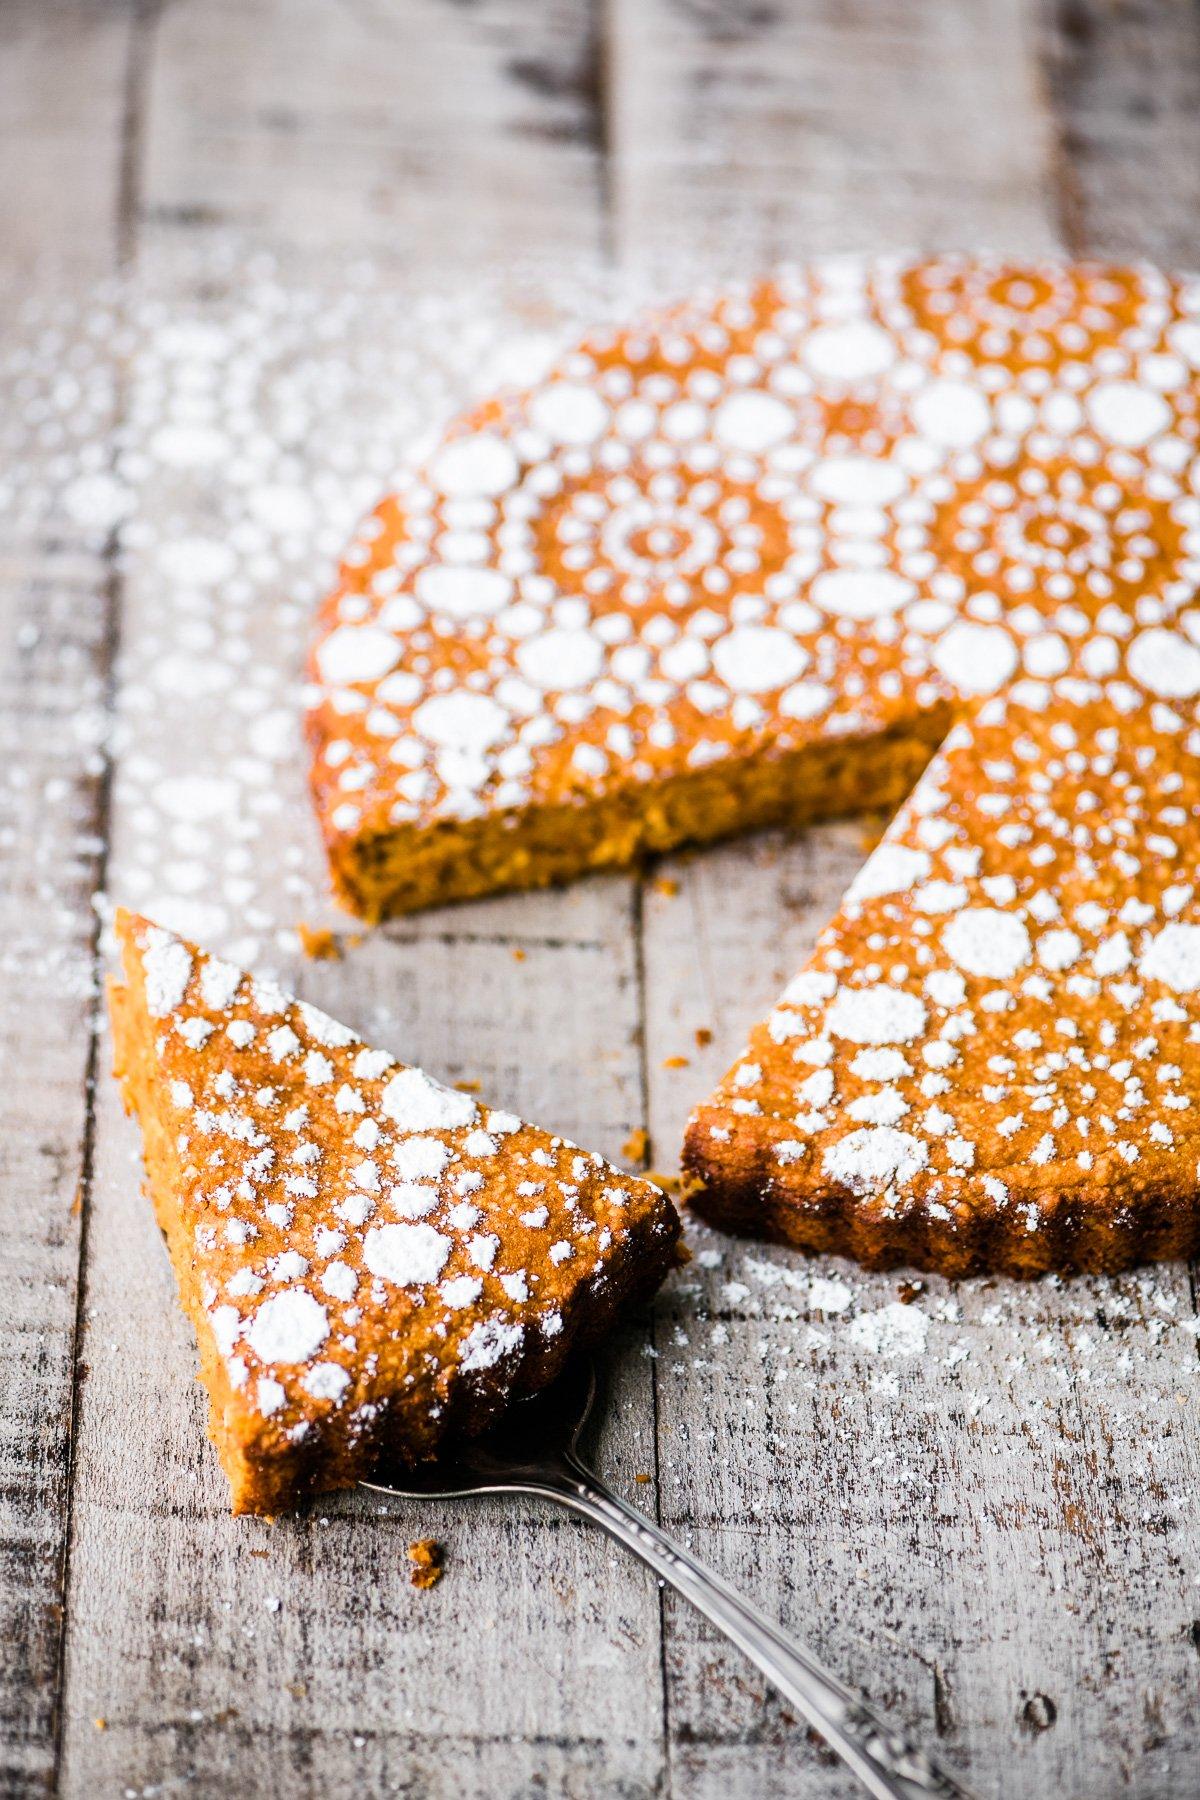 a flourless pumpkin spice cake on a wooden board